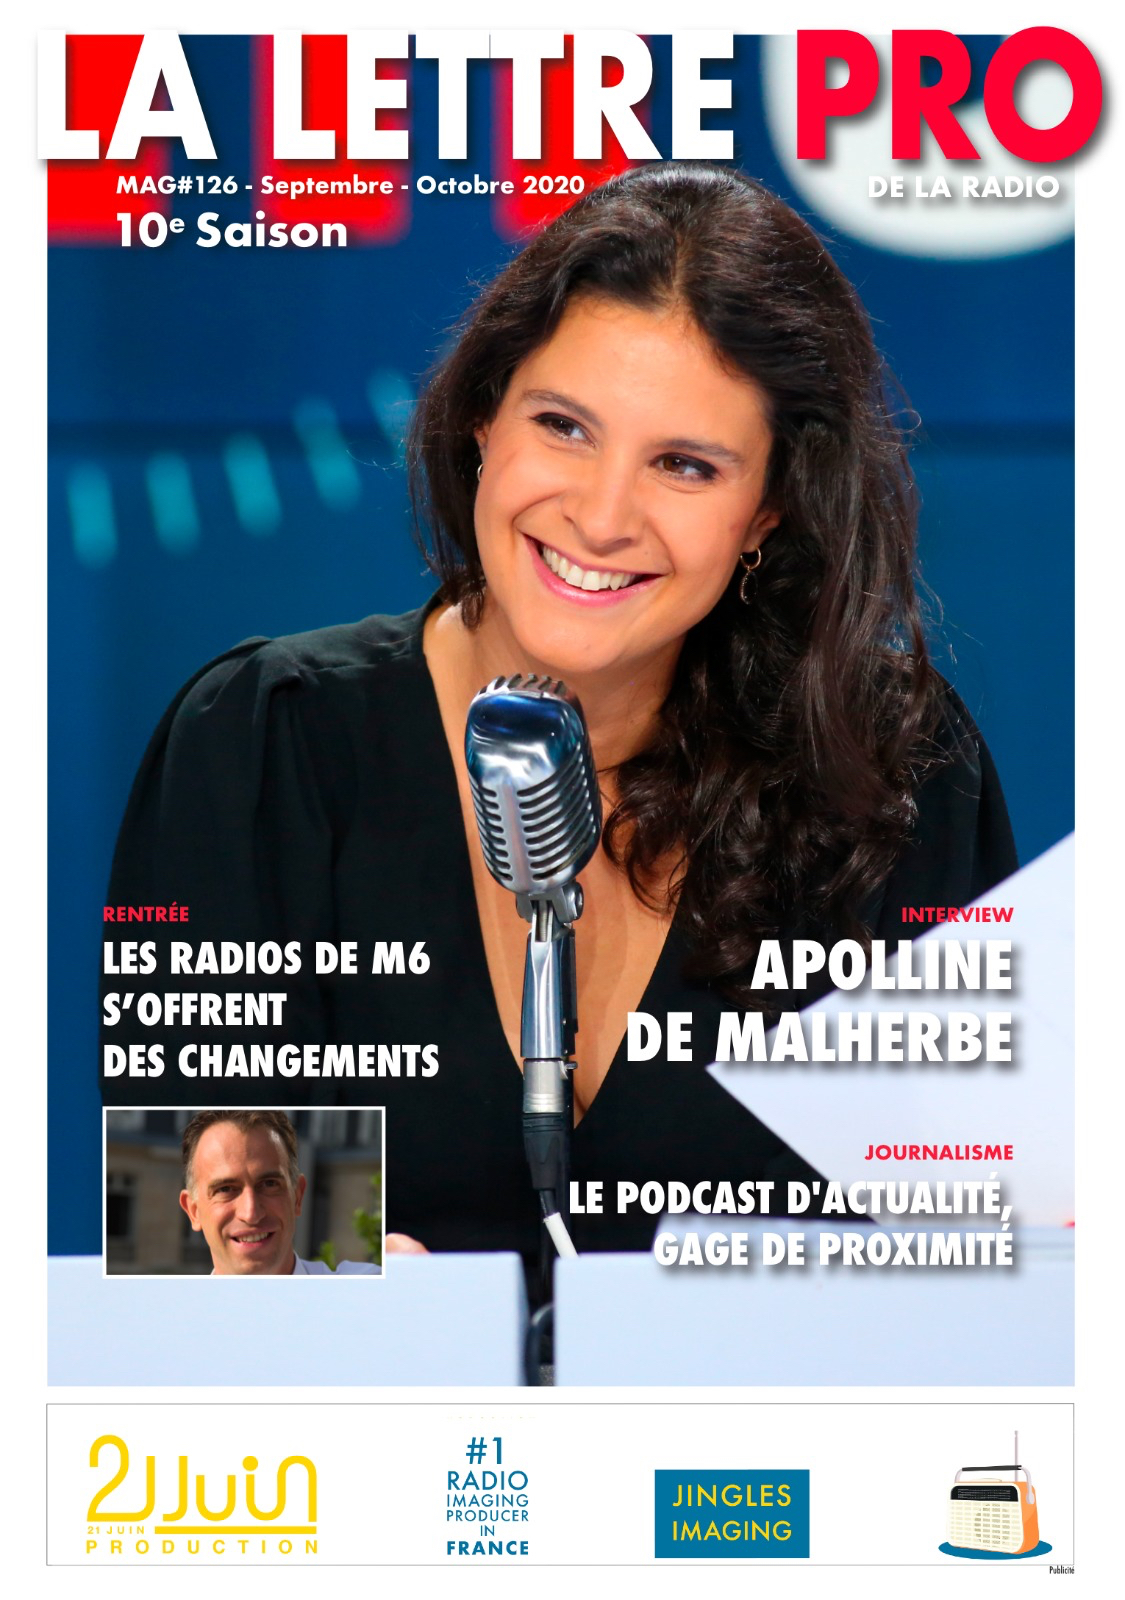 Téléchargez le 126e numéro de La Lettre Pro de la Radio